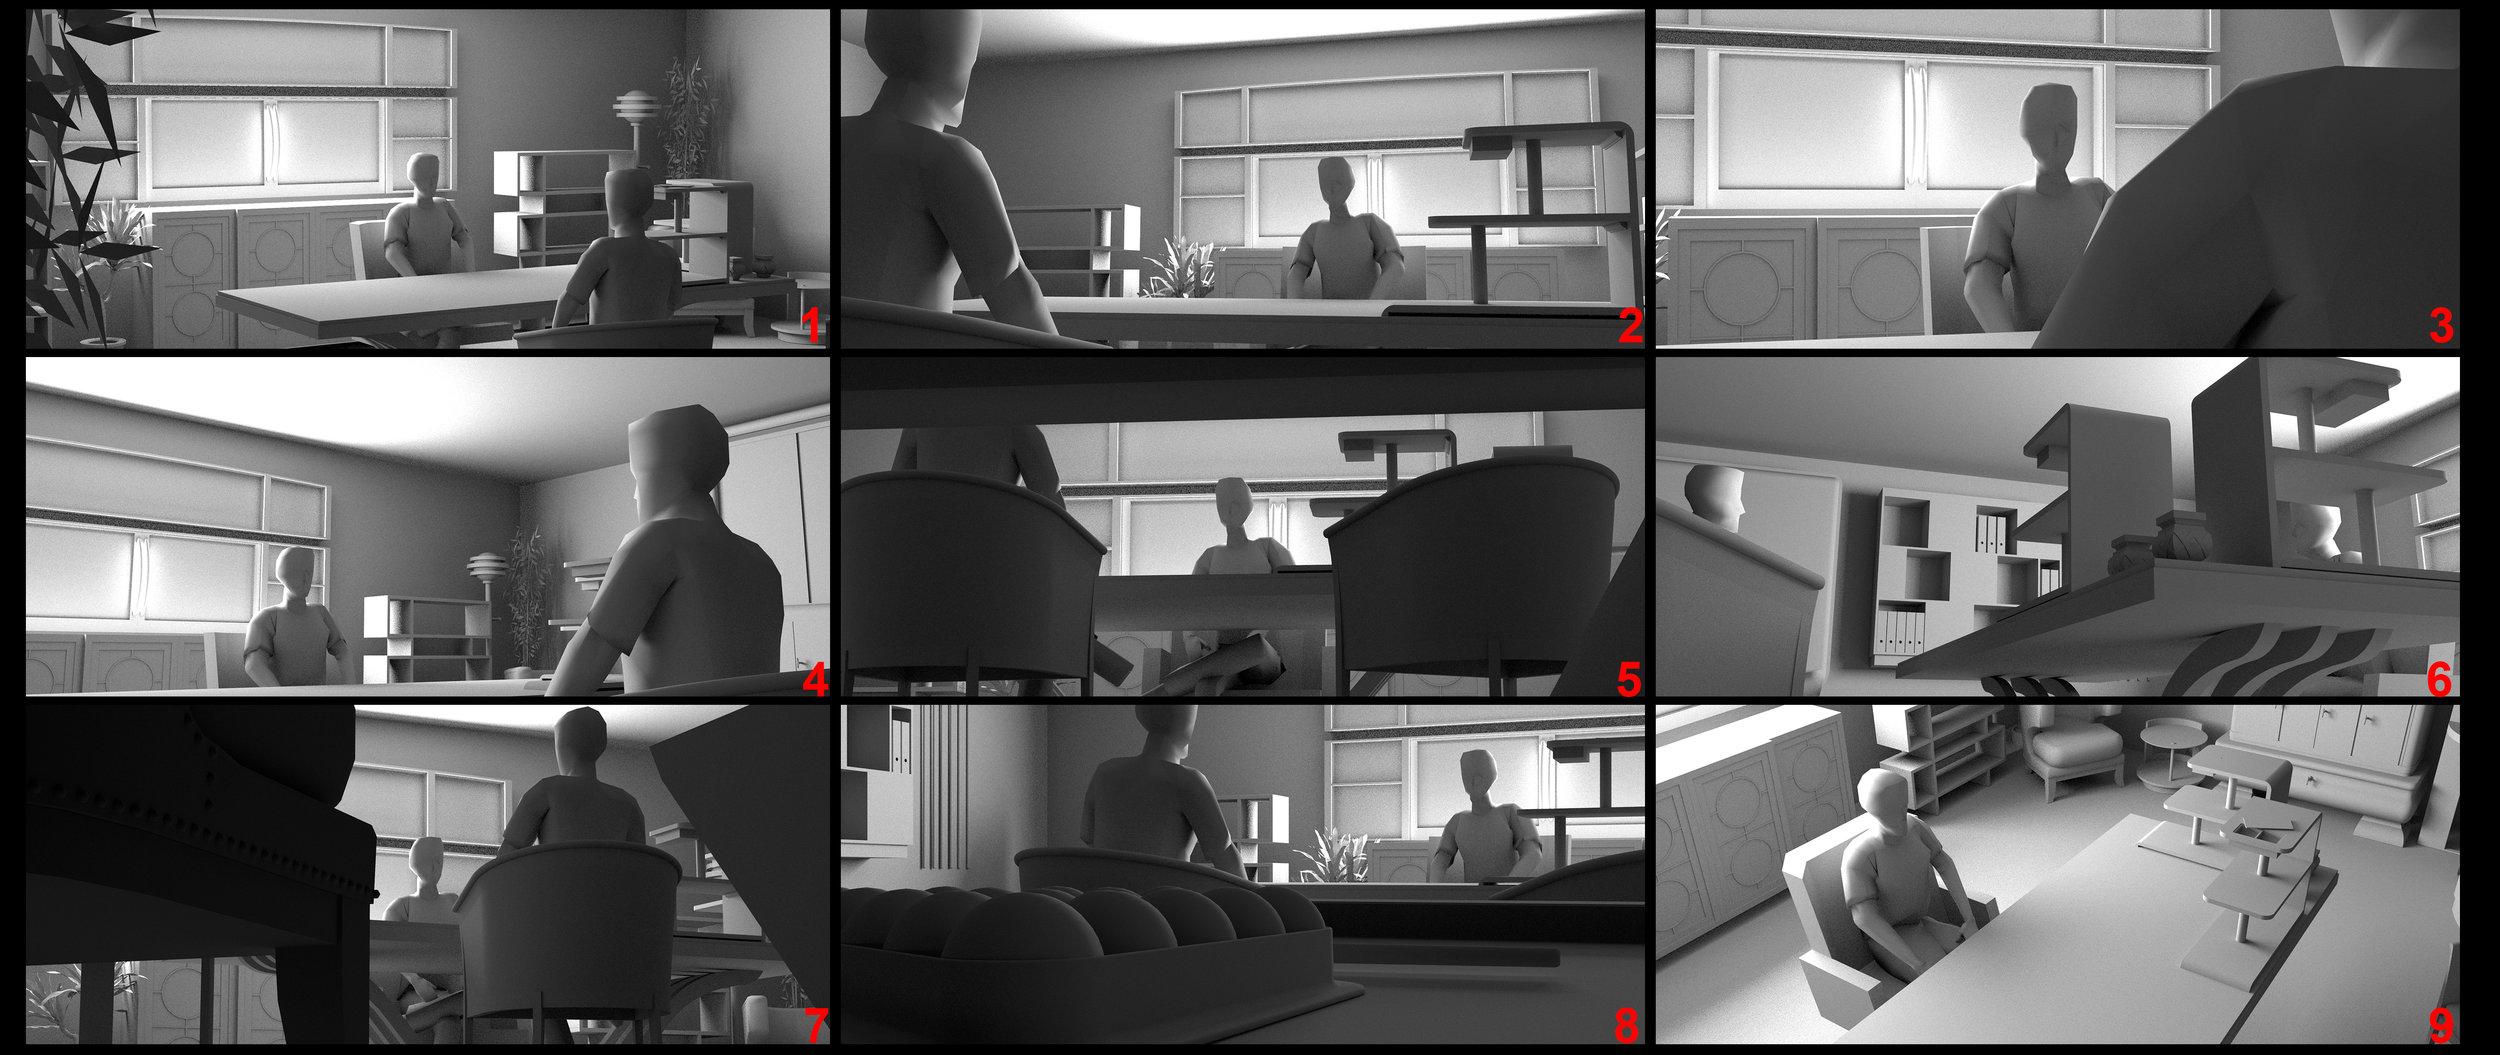 thumbnail 3D image 2 mentorship.jpg